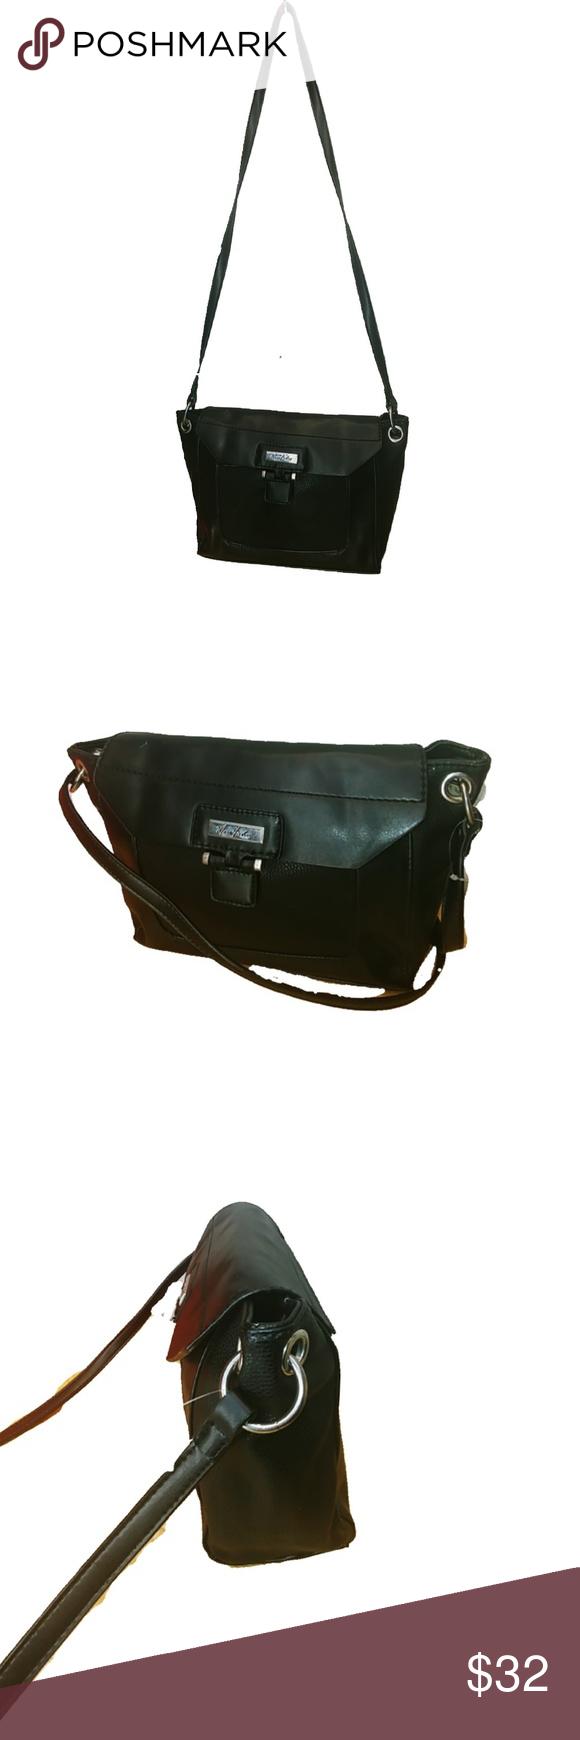 Mark Fisher Shoulder Bag Leather Color Black Silver Hardware